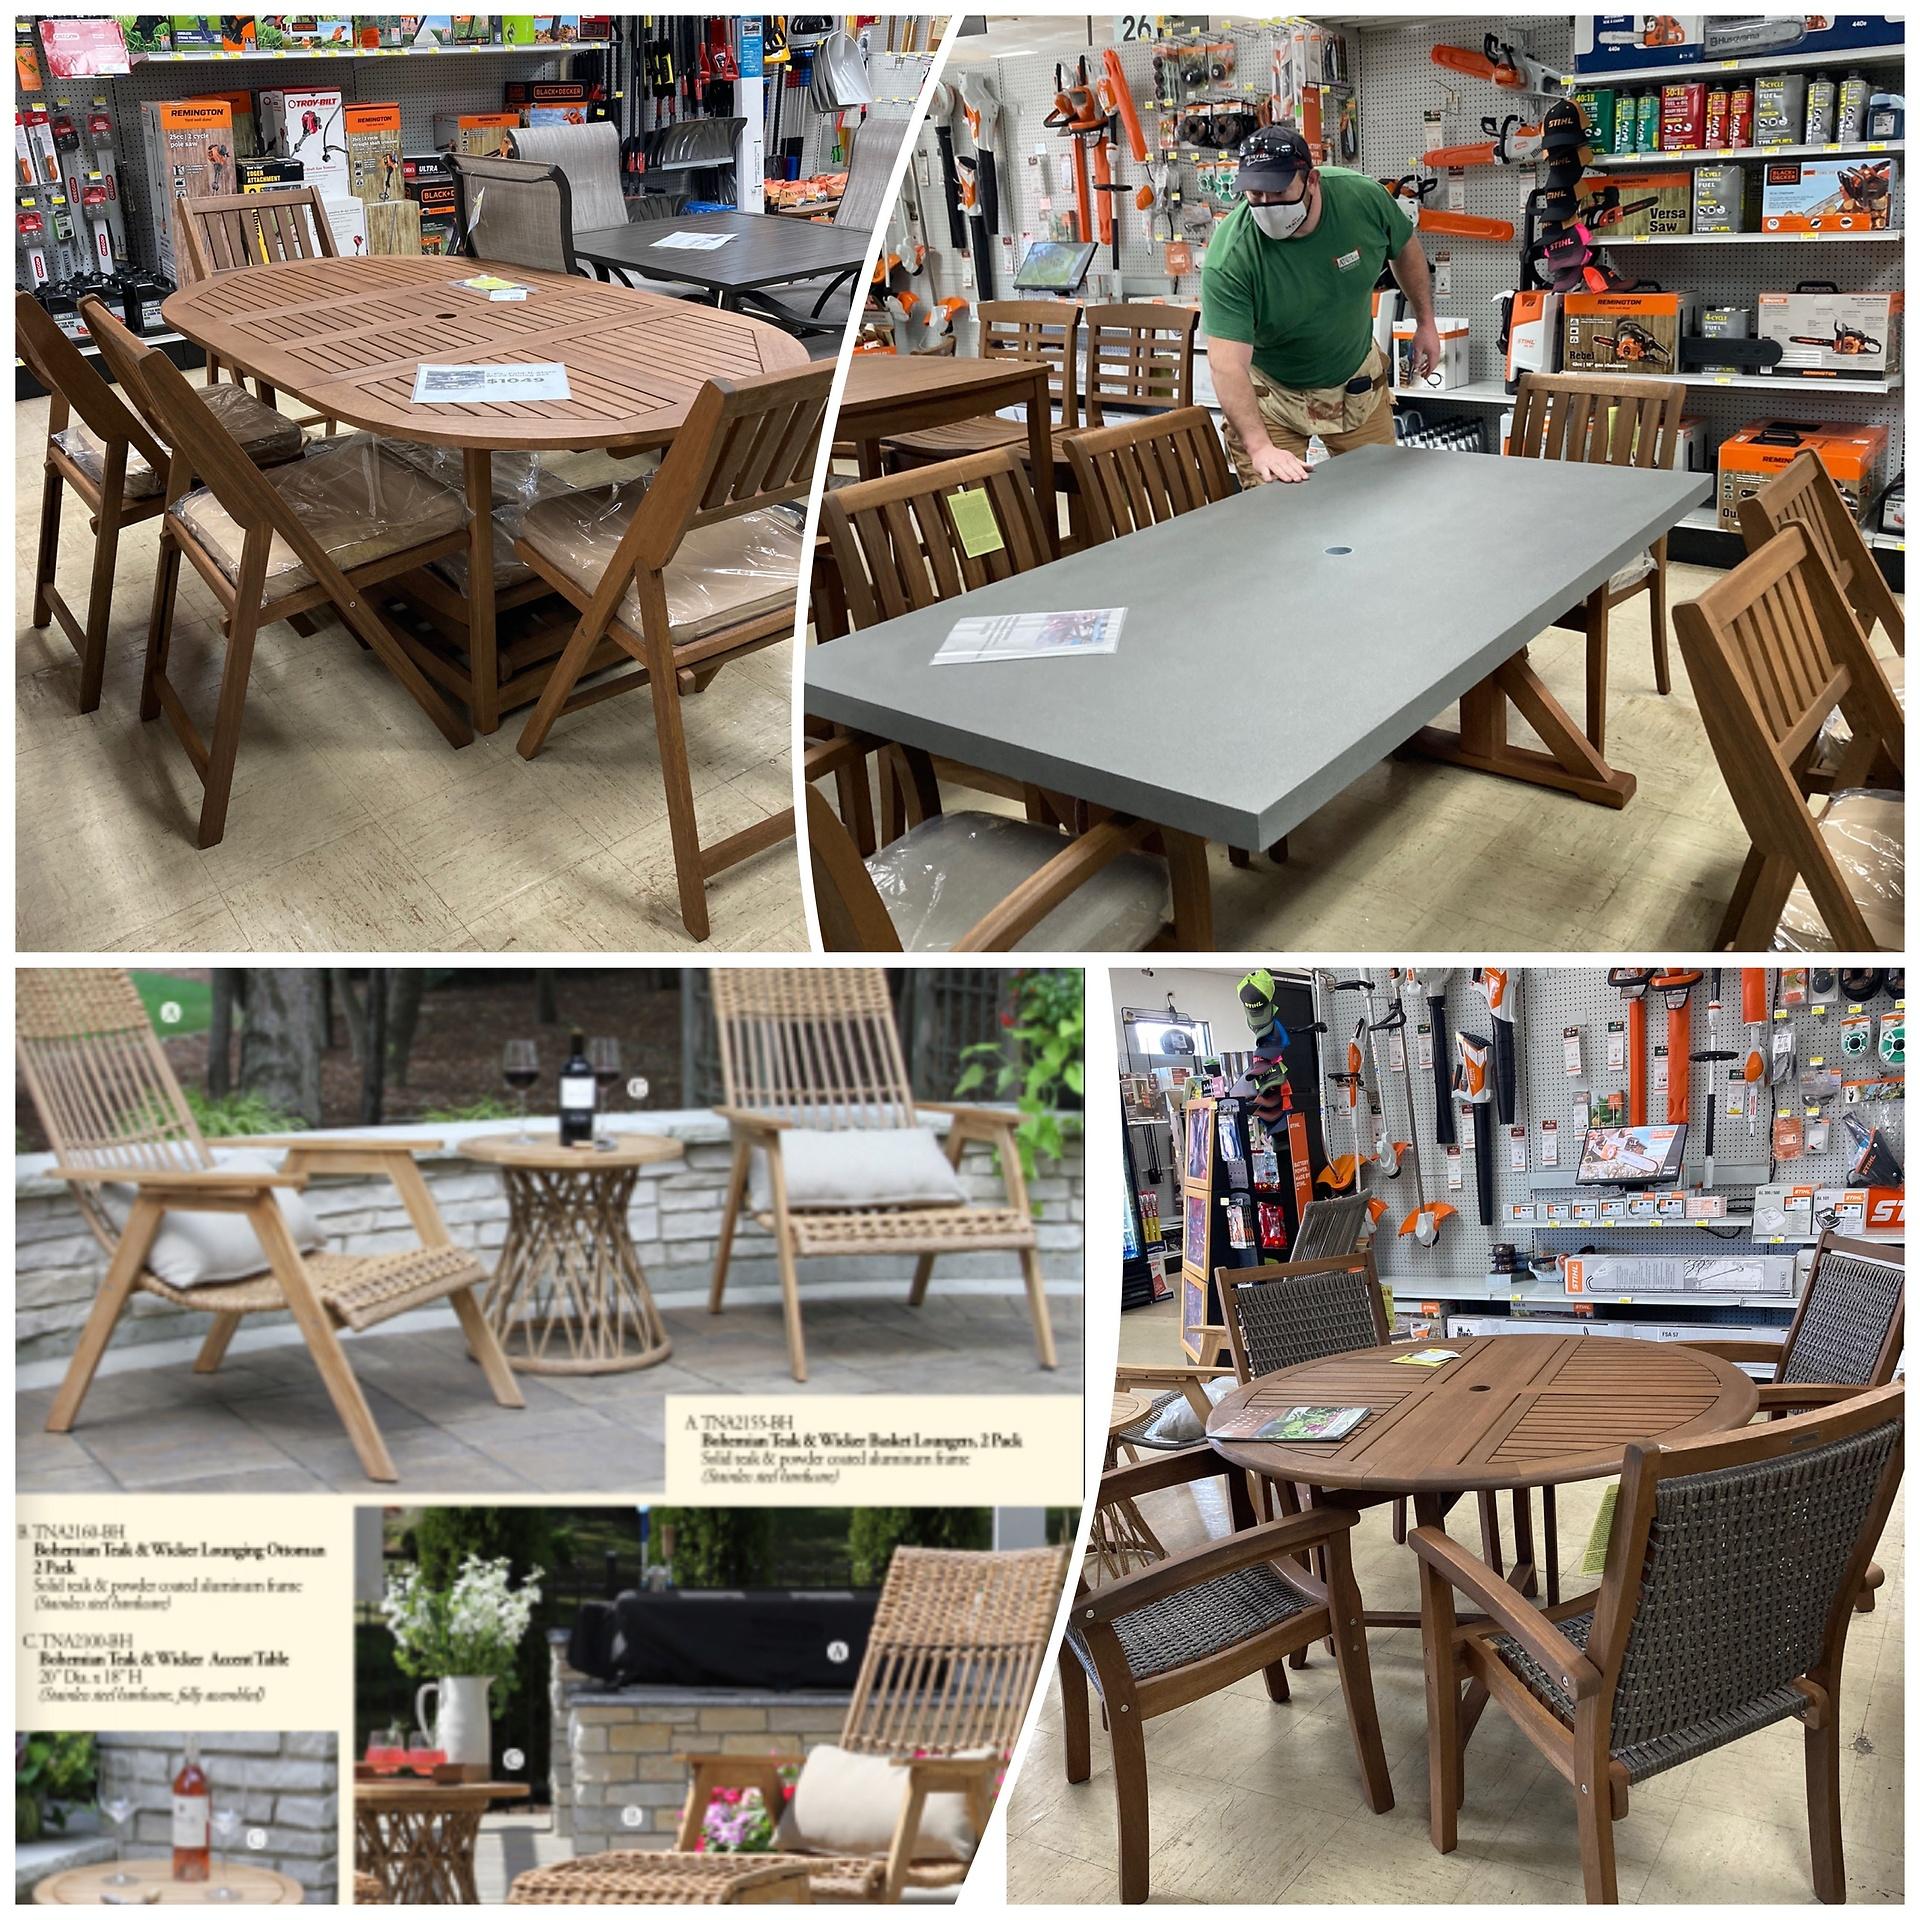 Patio Furniture in Yard